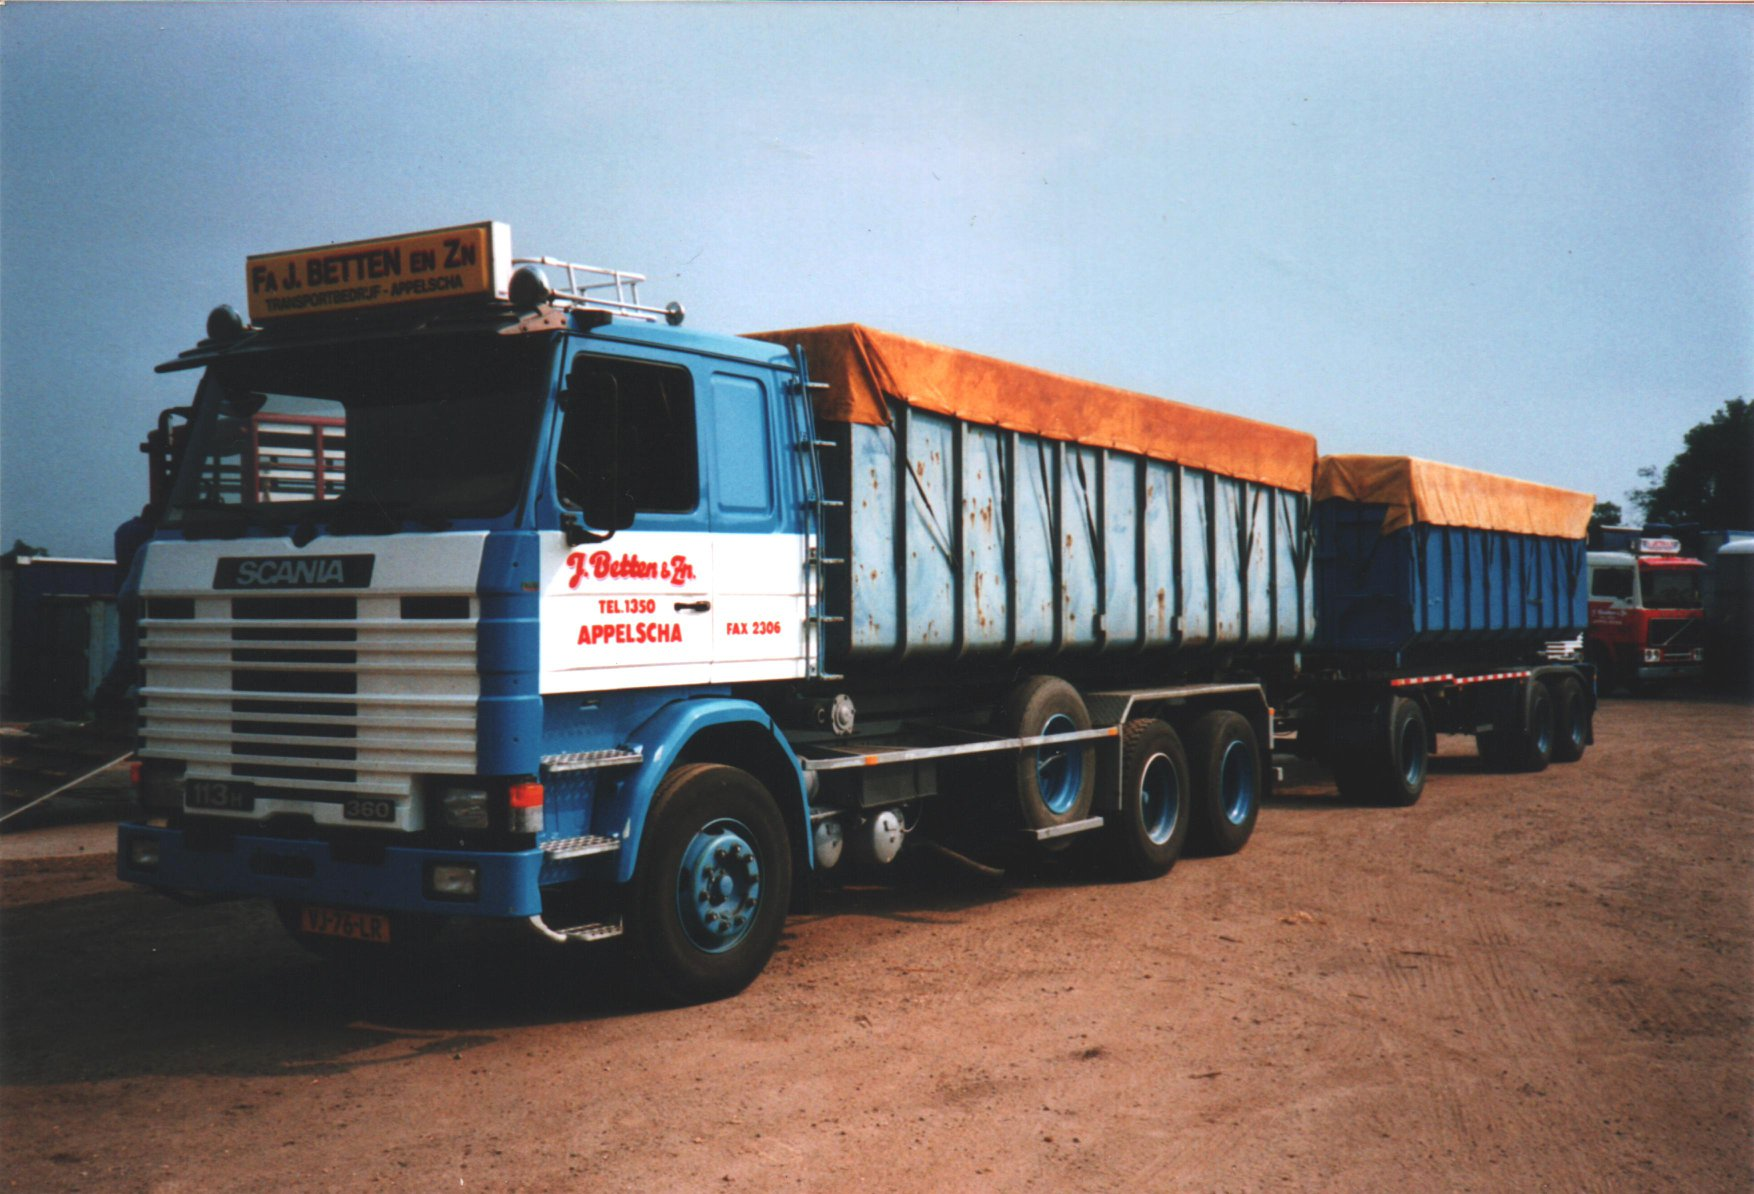 scania---113-h-met-een-container-systeem--en-een-container-aanhangwagen--lolle-rondaan-archief